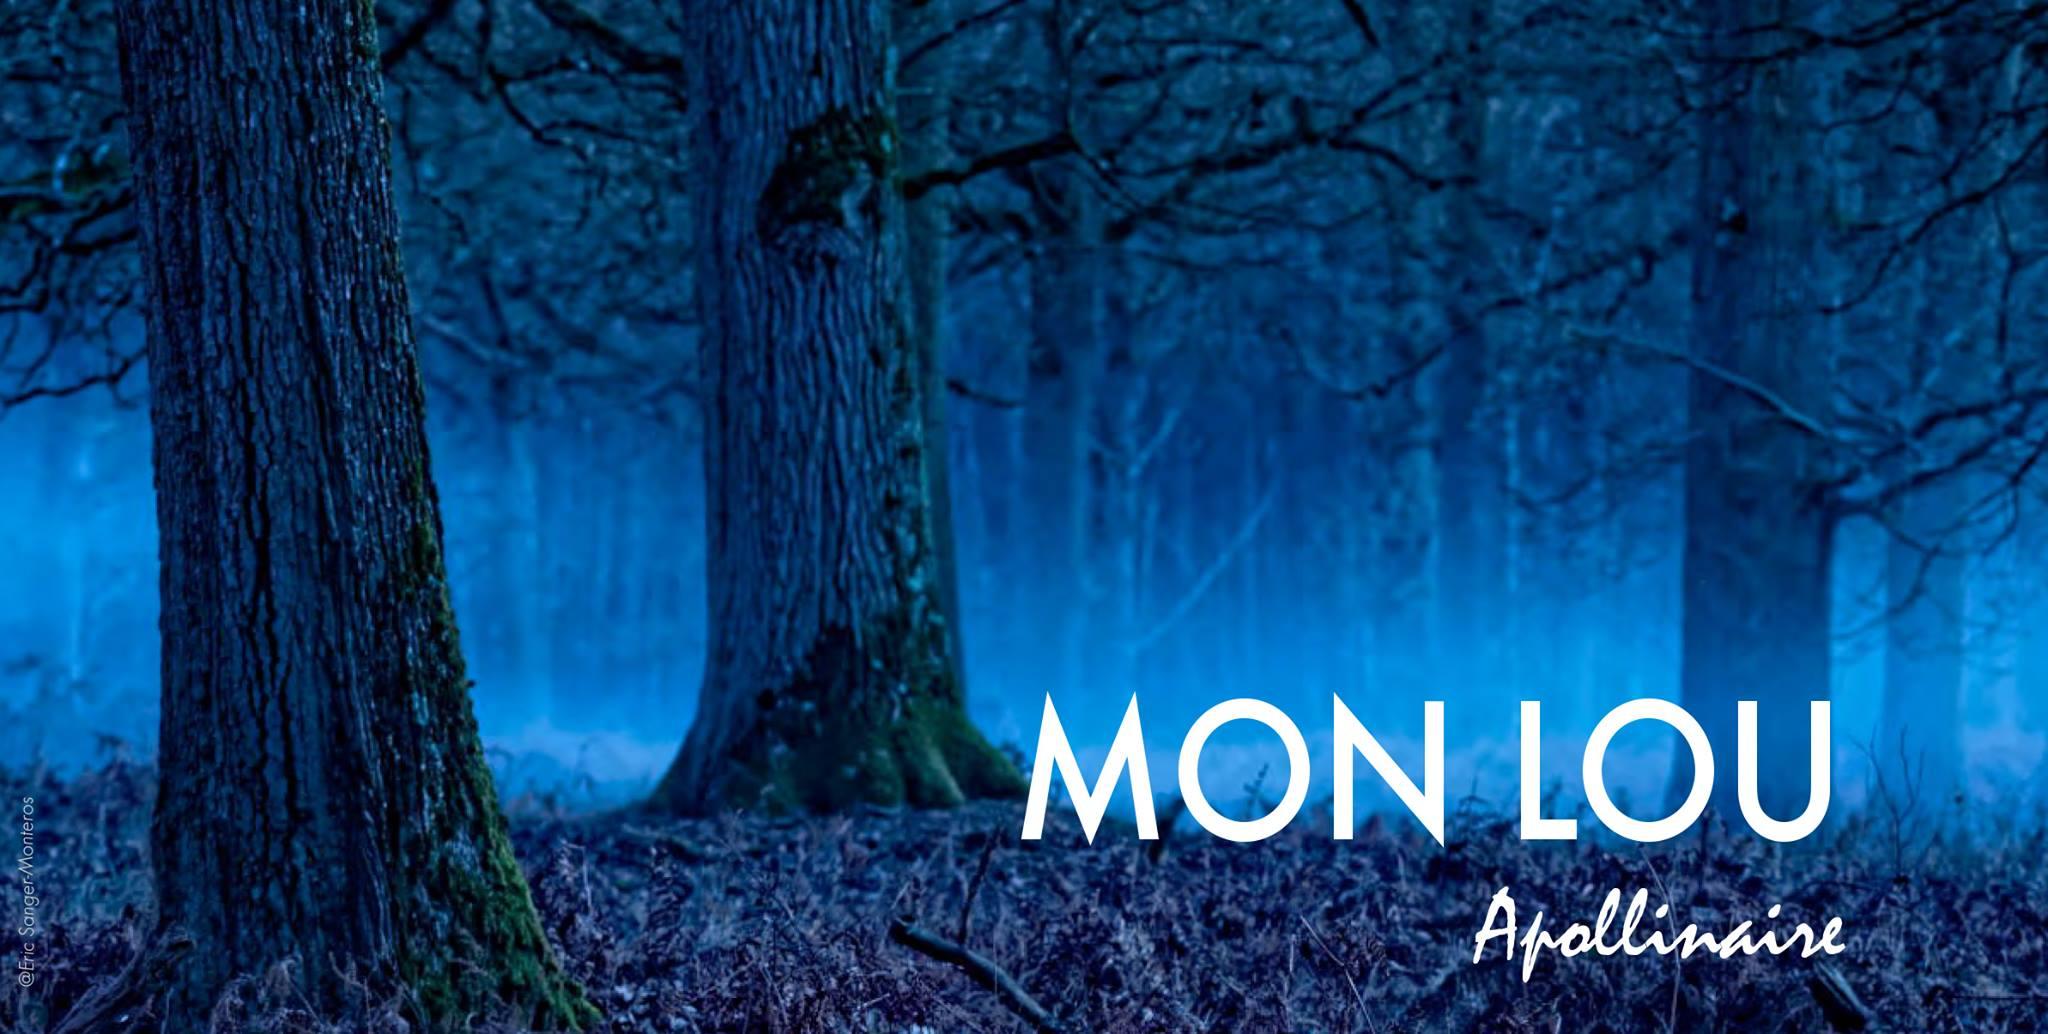 """[Critique] """"Mon Lou"""" avec Moana Ferré, mise en scène par Christian Pageault 1 image"""